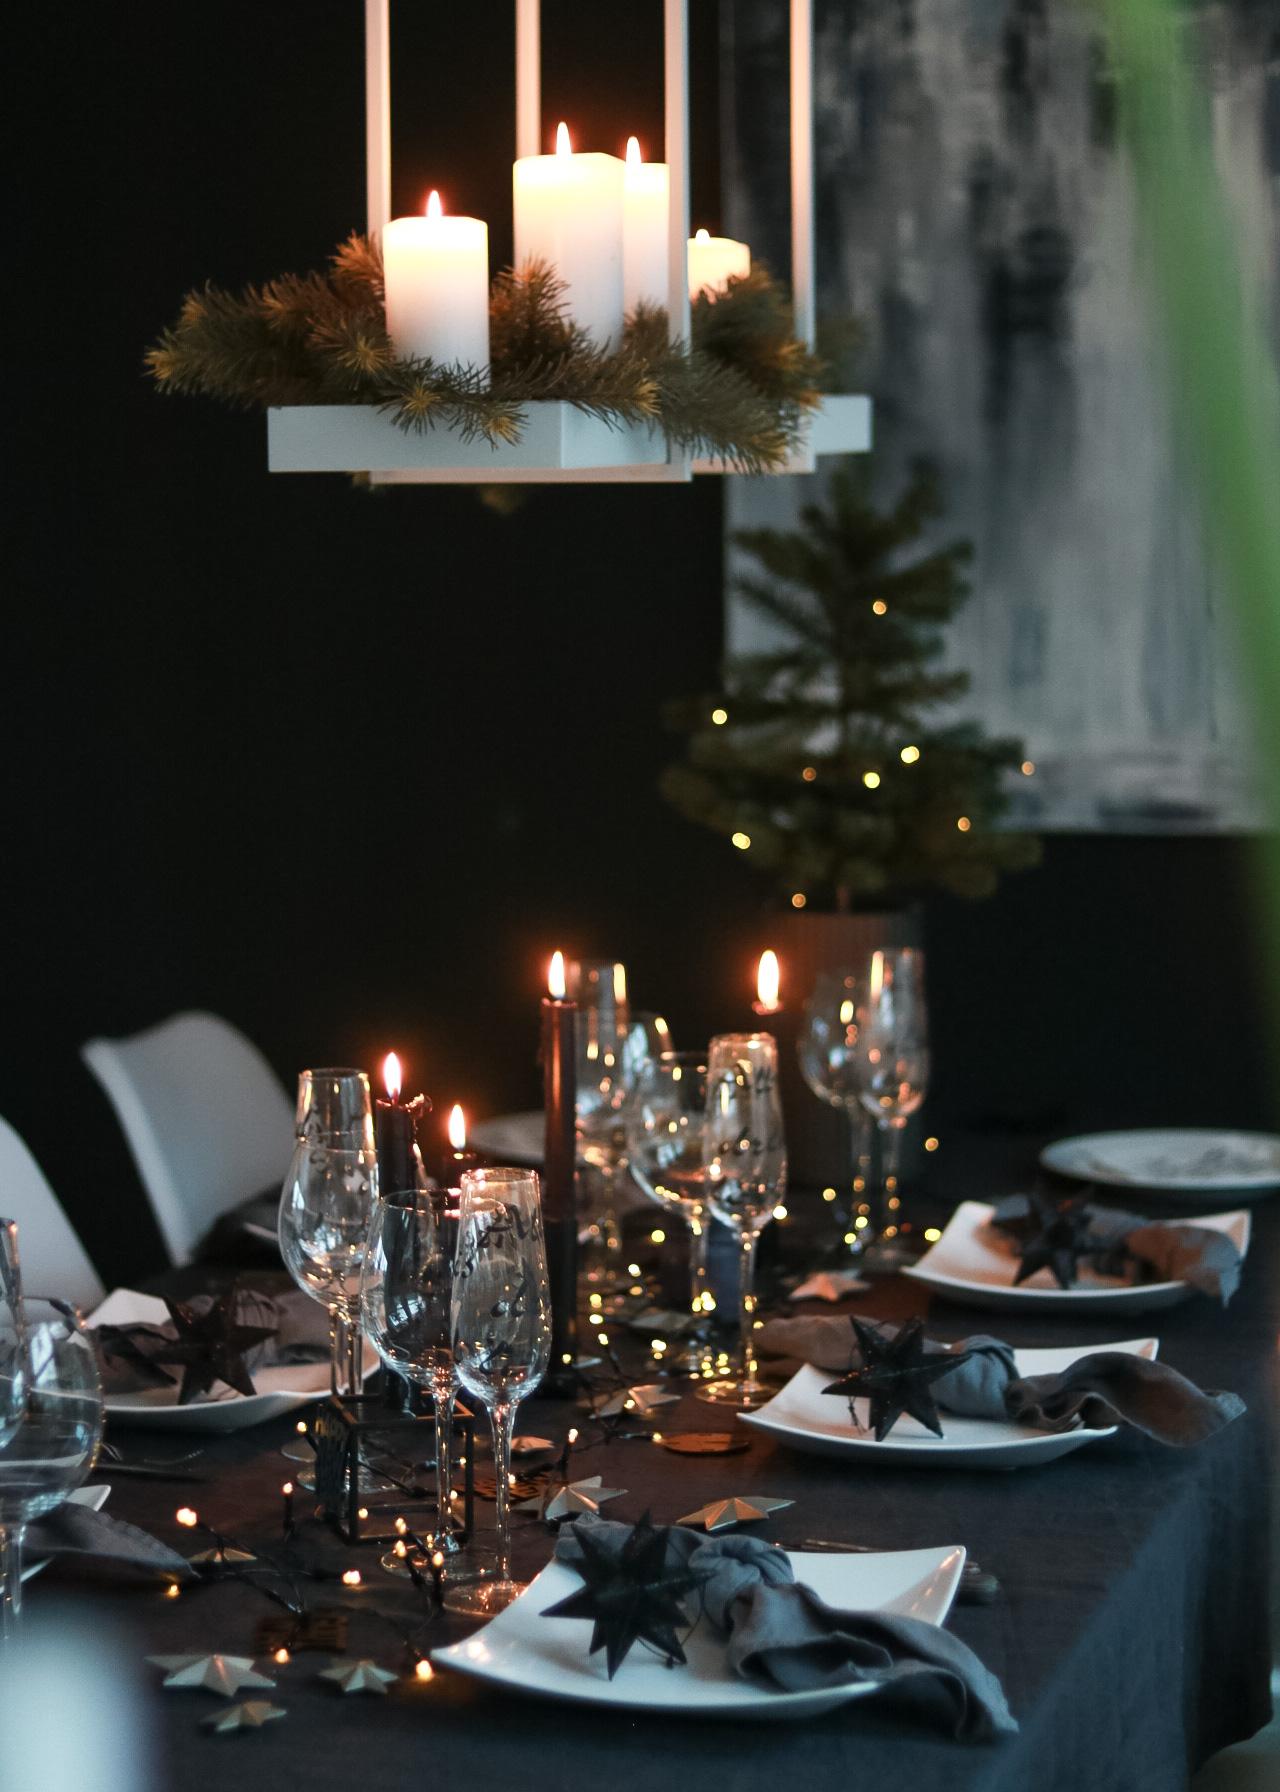 Nyttårsbordet 2017. Godt nytt år! - HVITELINJER BLOGG -